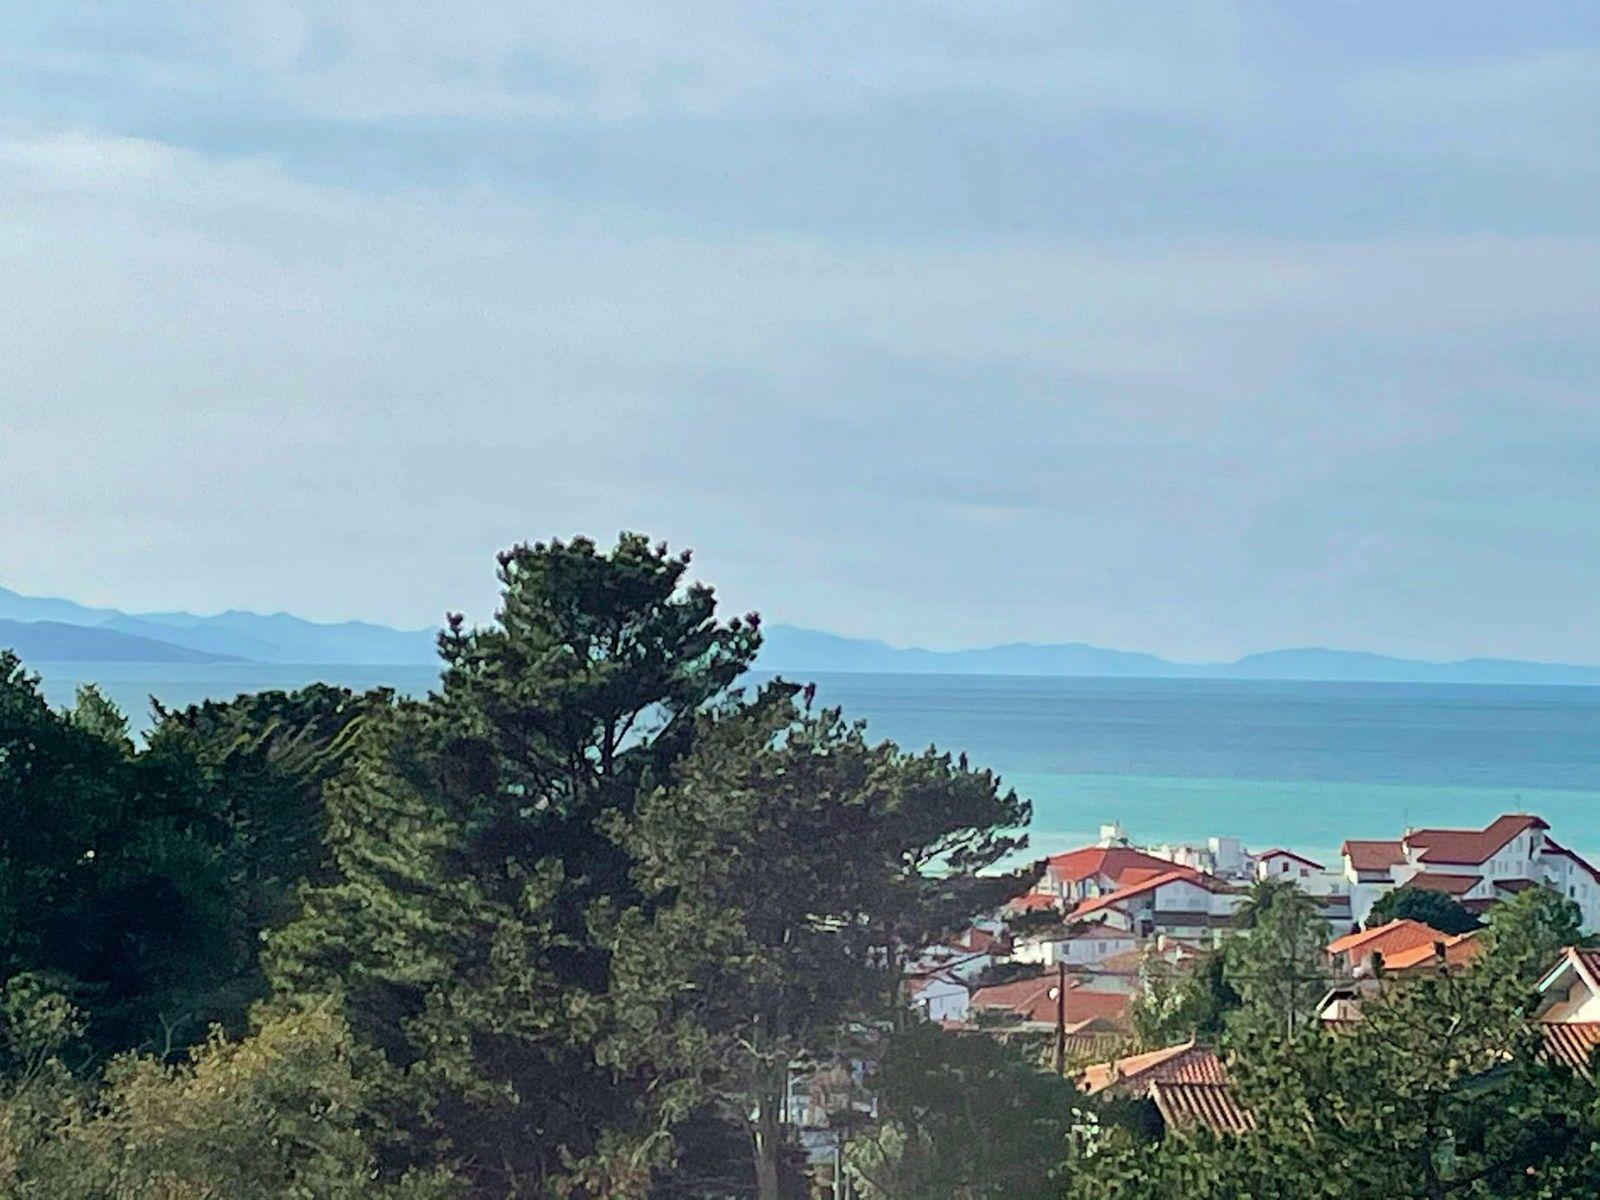 Vends appartement 63m² Haut Milady Biarritz (64) - 1chambre